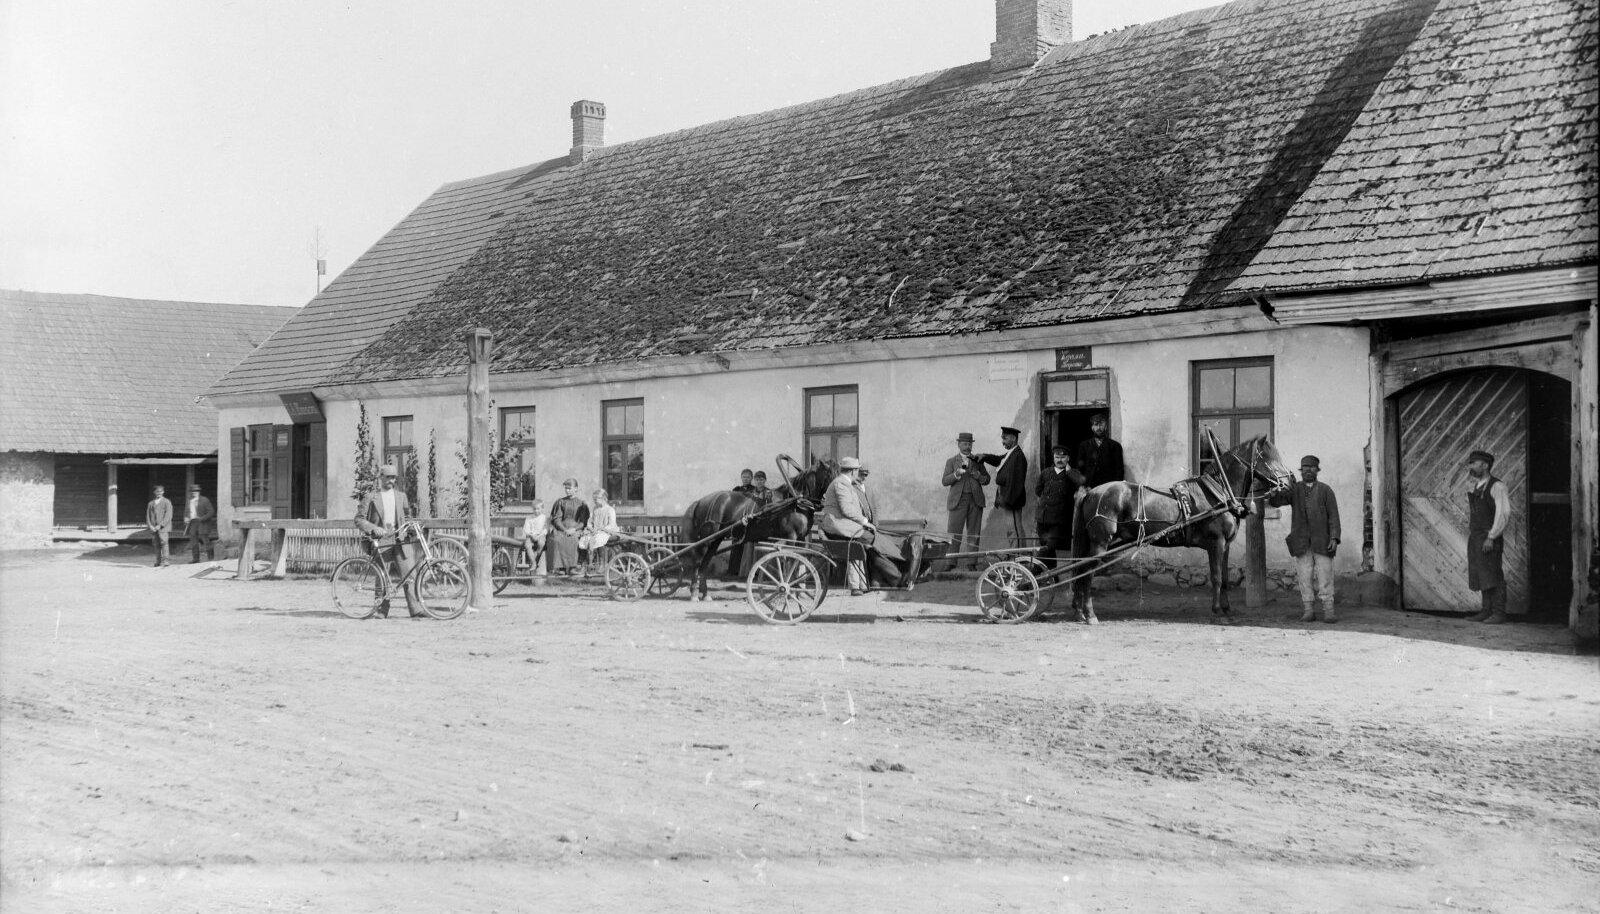 LUSTIPESAD: Elu ja porduelu keerles XIX sajandil kõrtside ümber. Fotol Varstu kõrts.